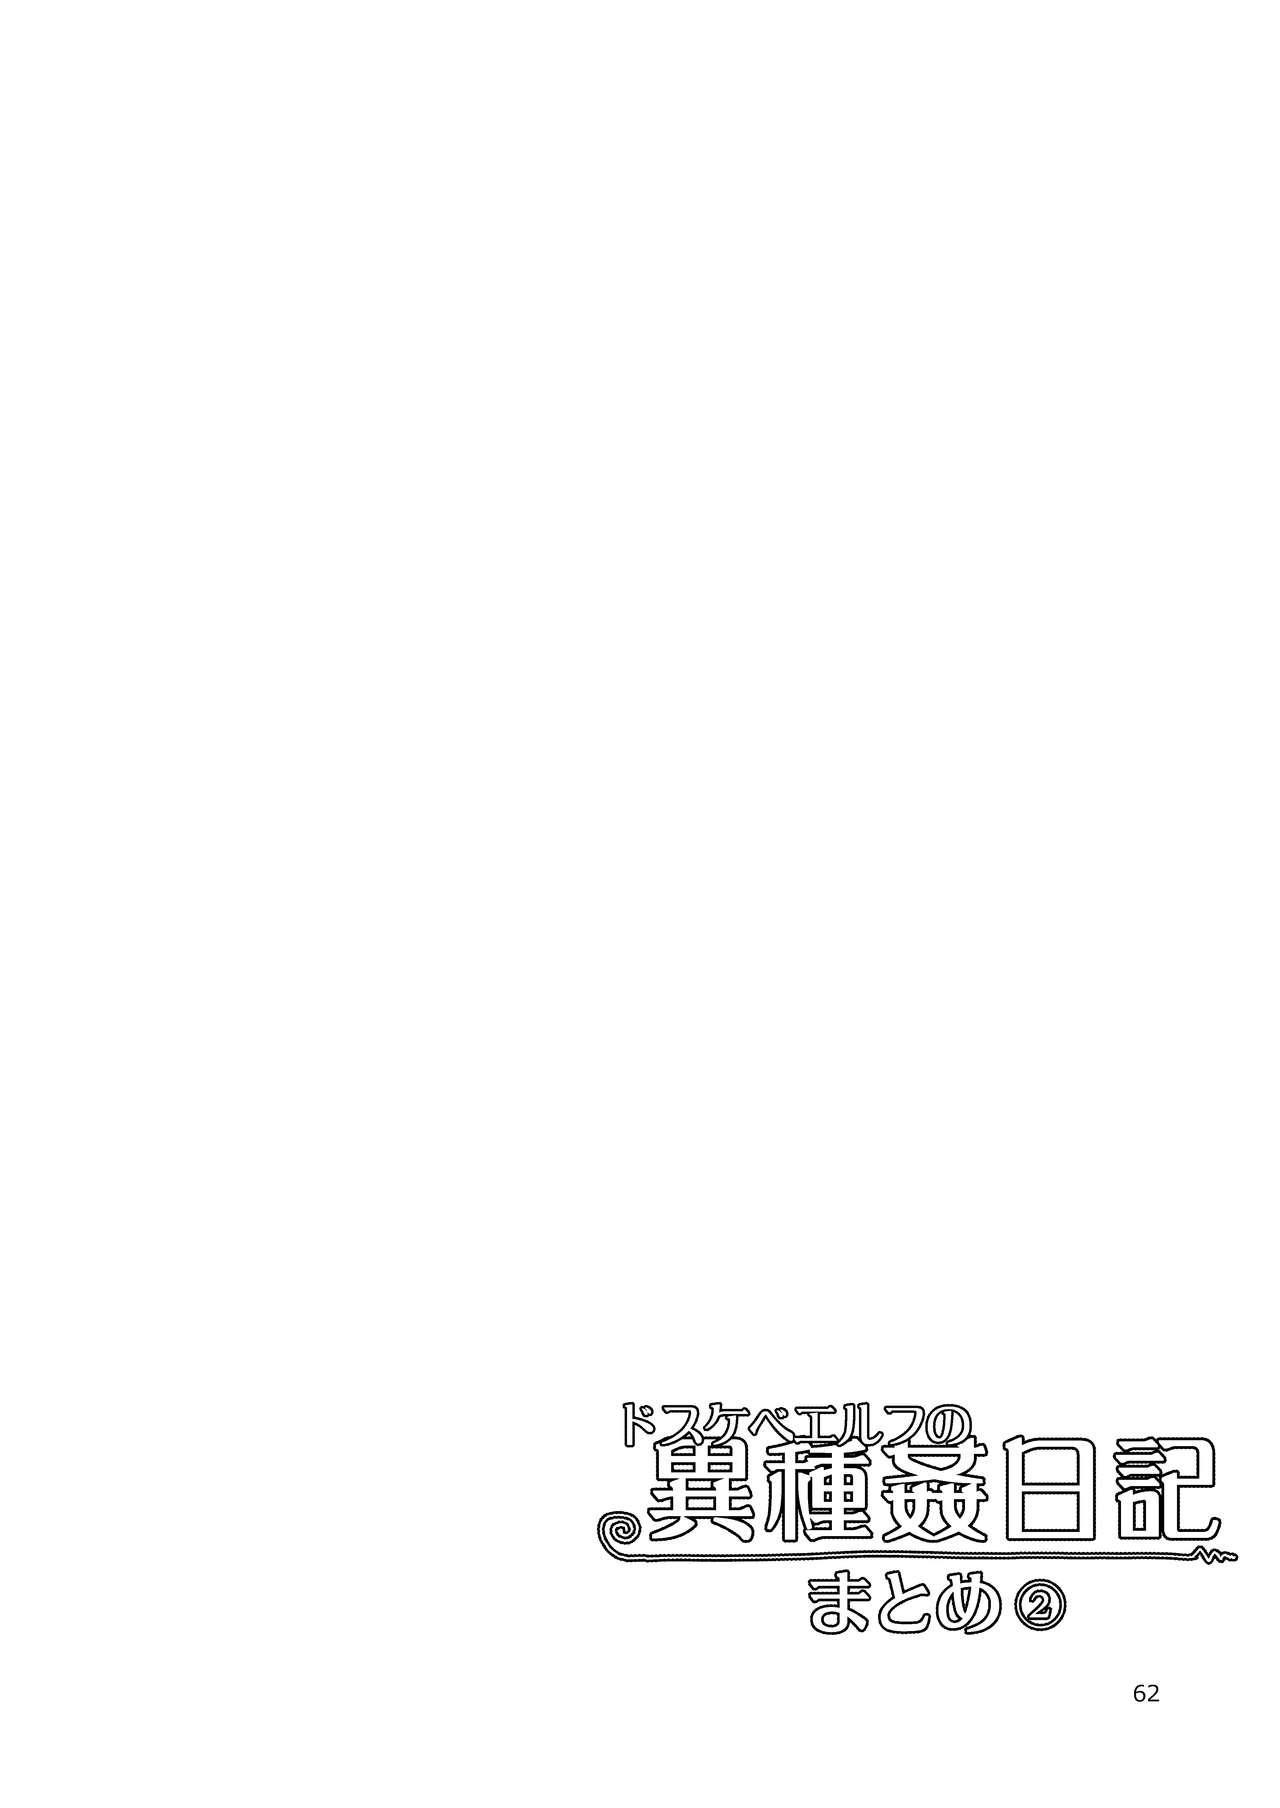 Dosukebe Elf no Ishukan Nikki Matome 2 62